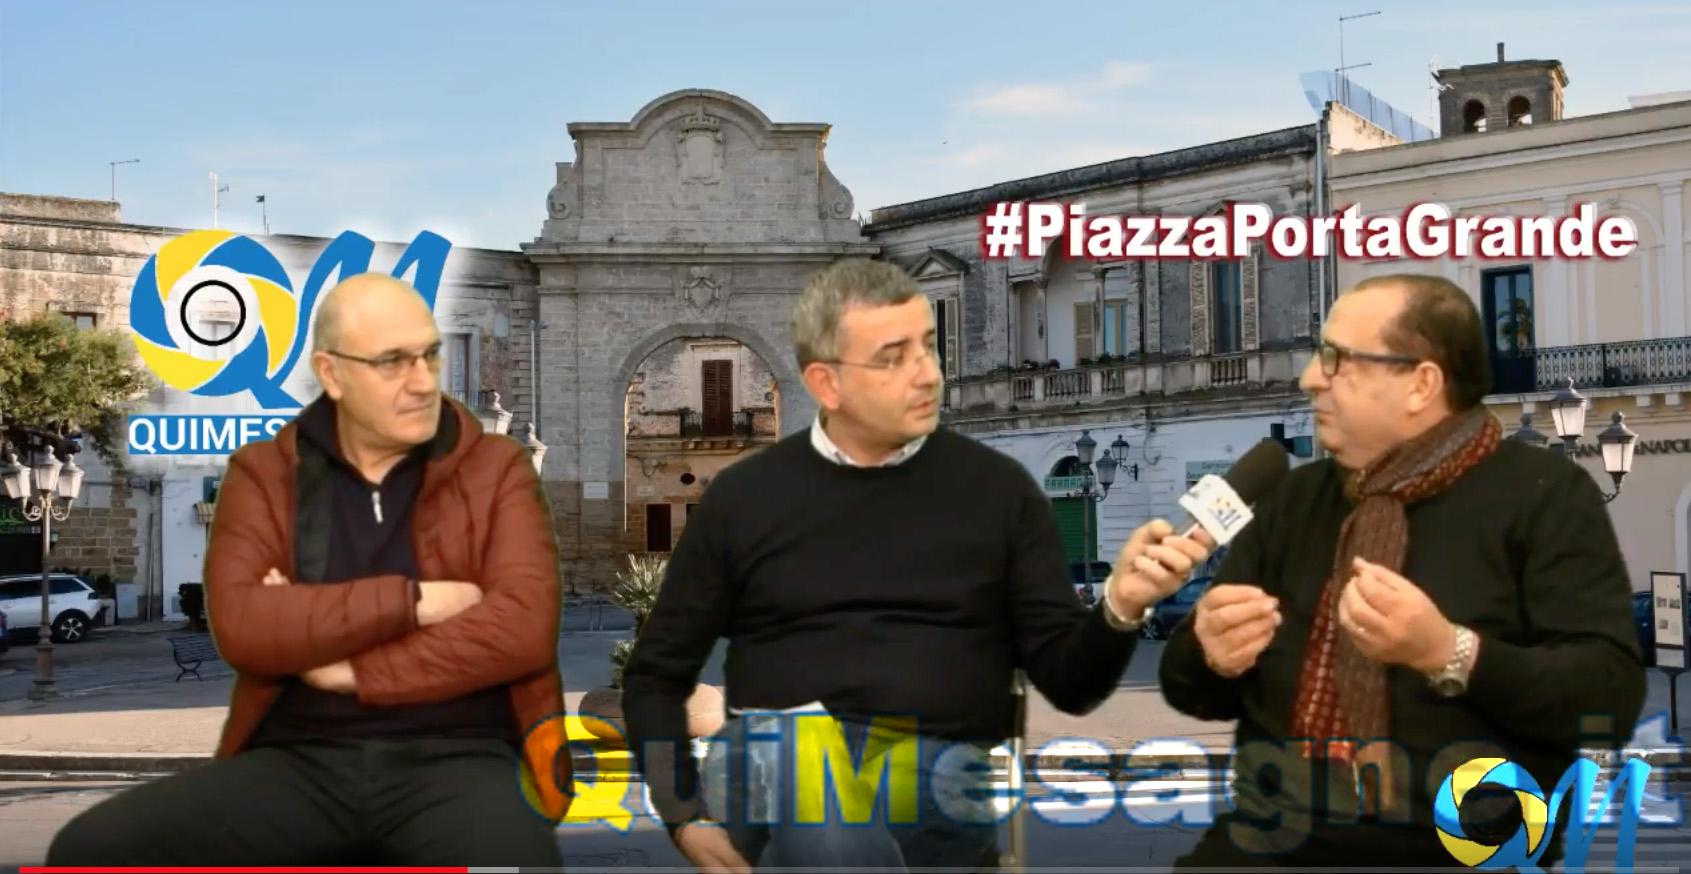 #PiazzaPortaGrande – puntata n. 4 – Ospiti Mimmo Stella e Fabrizio Dipietrangelo